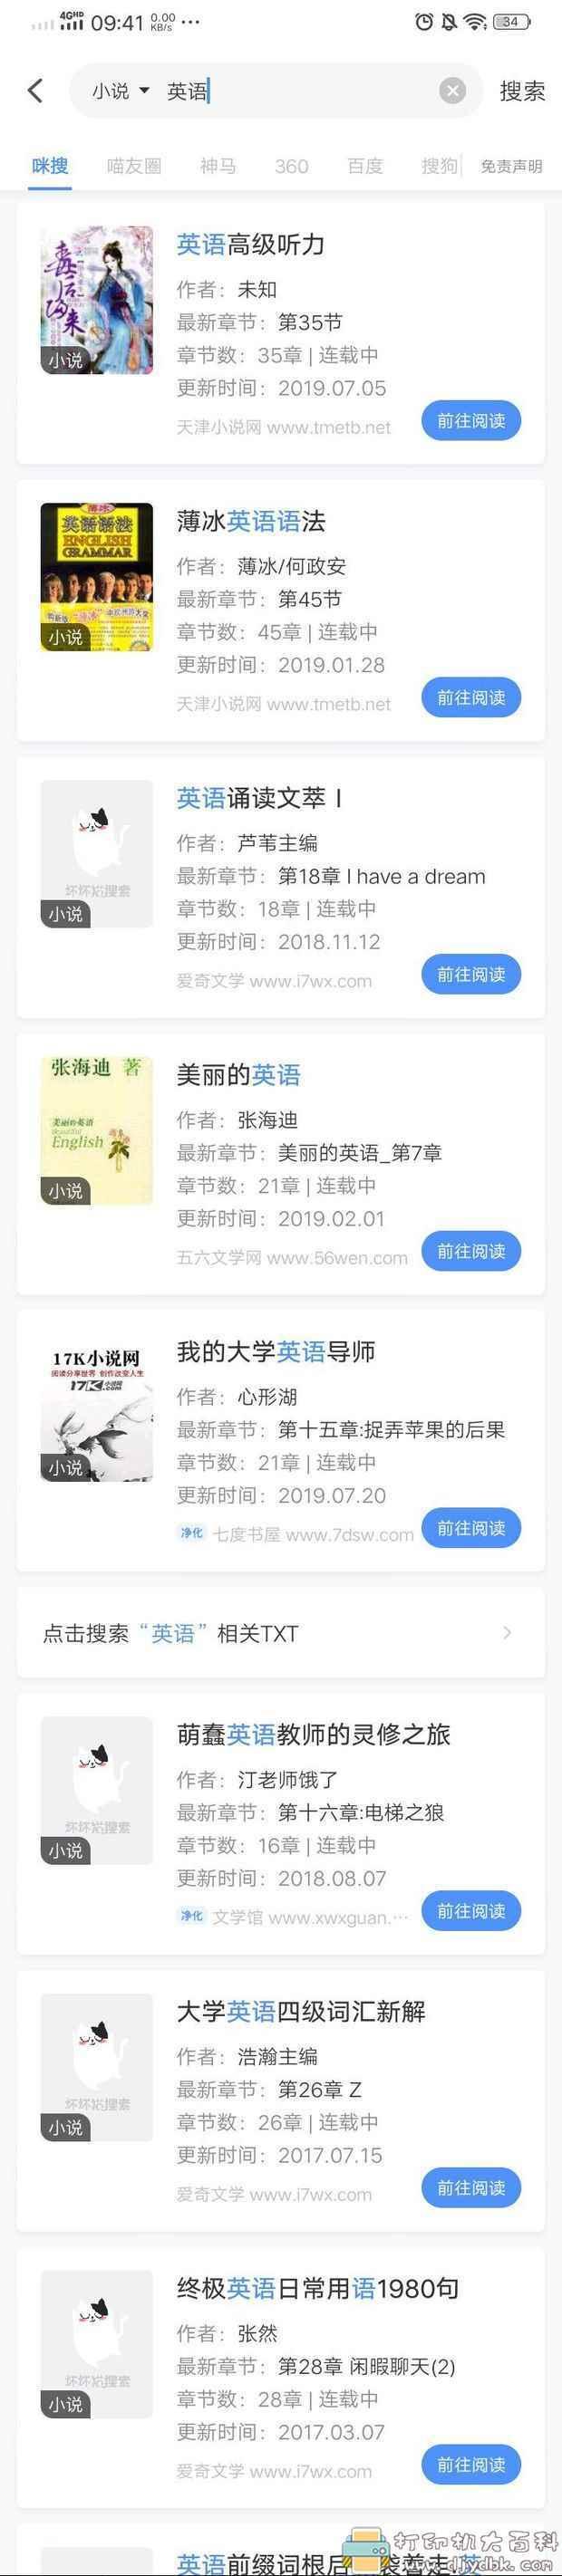 安卓小说神器 坏坏猫小说v1.4.0高级版,3月19日最新版图片 No.3